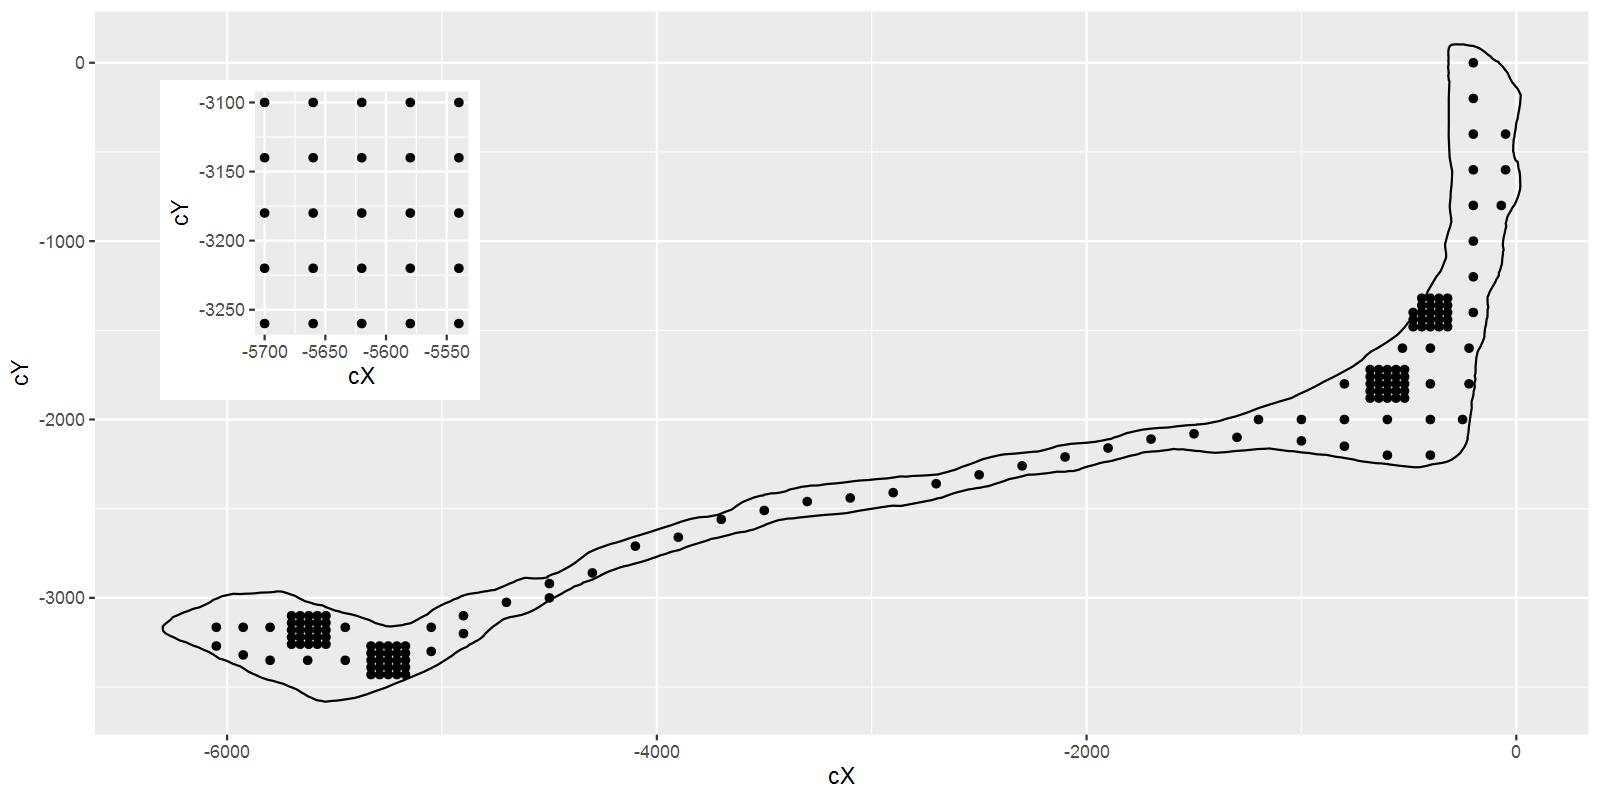 朗格拉普岛上测量核污染浓度的站点分布图